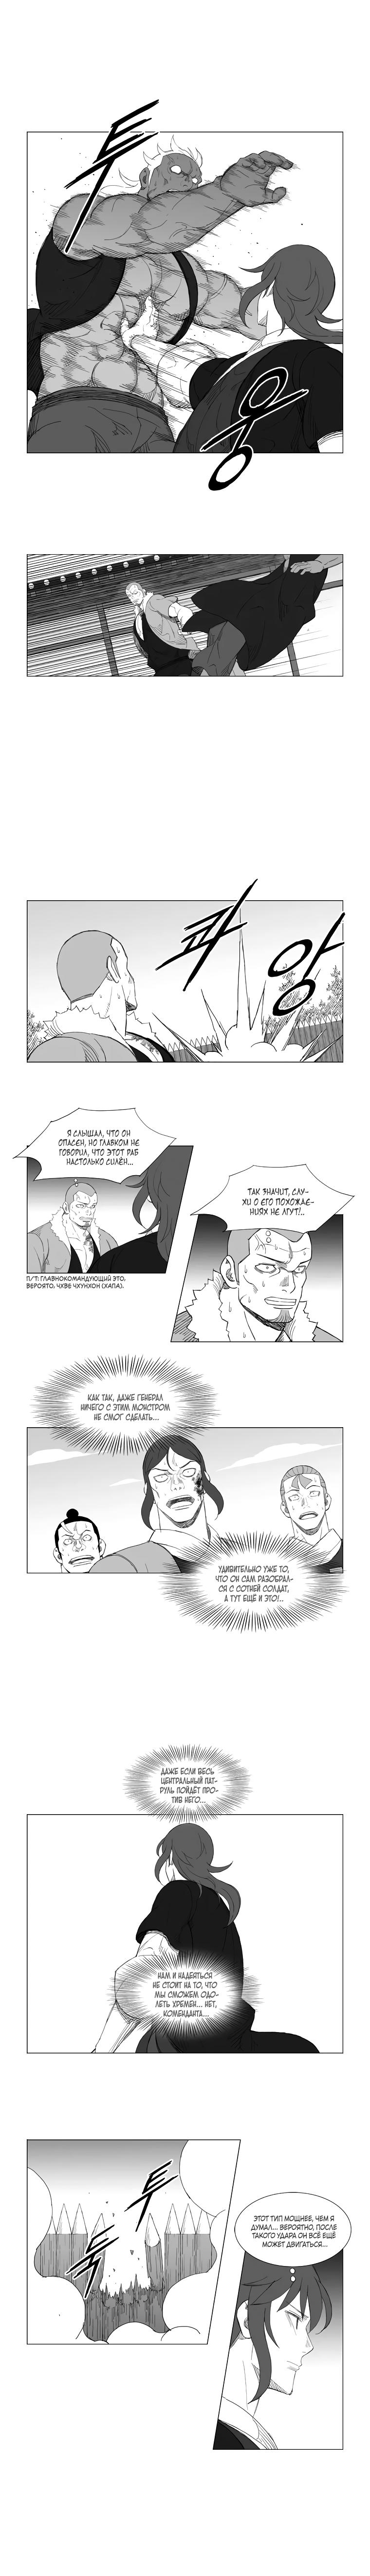 https://r1.ninemanga.com/comics/pic2/39/28263/416255/1532707606310.png Page 3